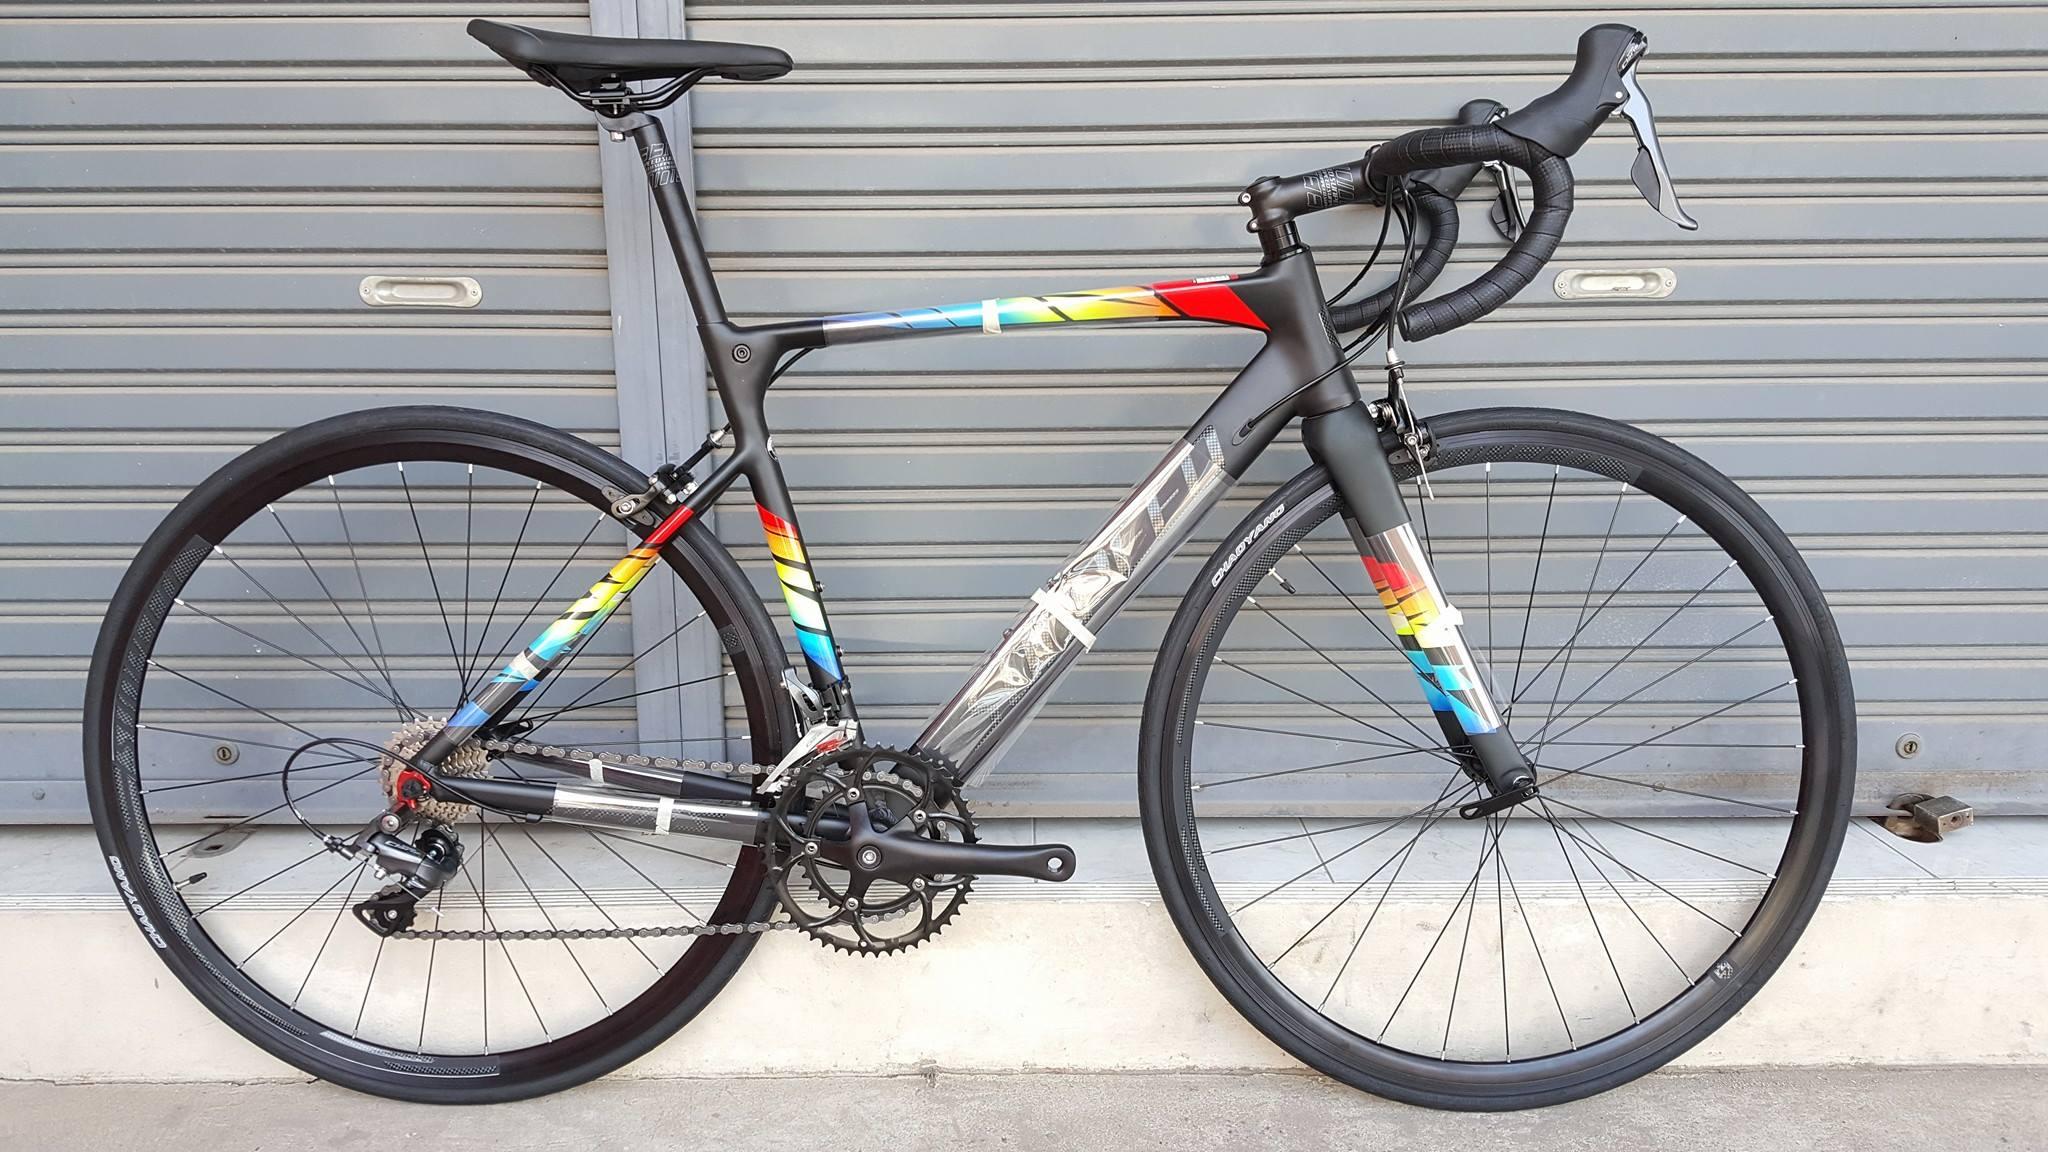 จักรยานเสือหมอบ Sunpeed รุ่น MARS เฟรมอลู ตะเกียบคาร์บอน เกียร์ Shimano New Claris 16 Speed ซ่อนสาย